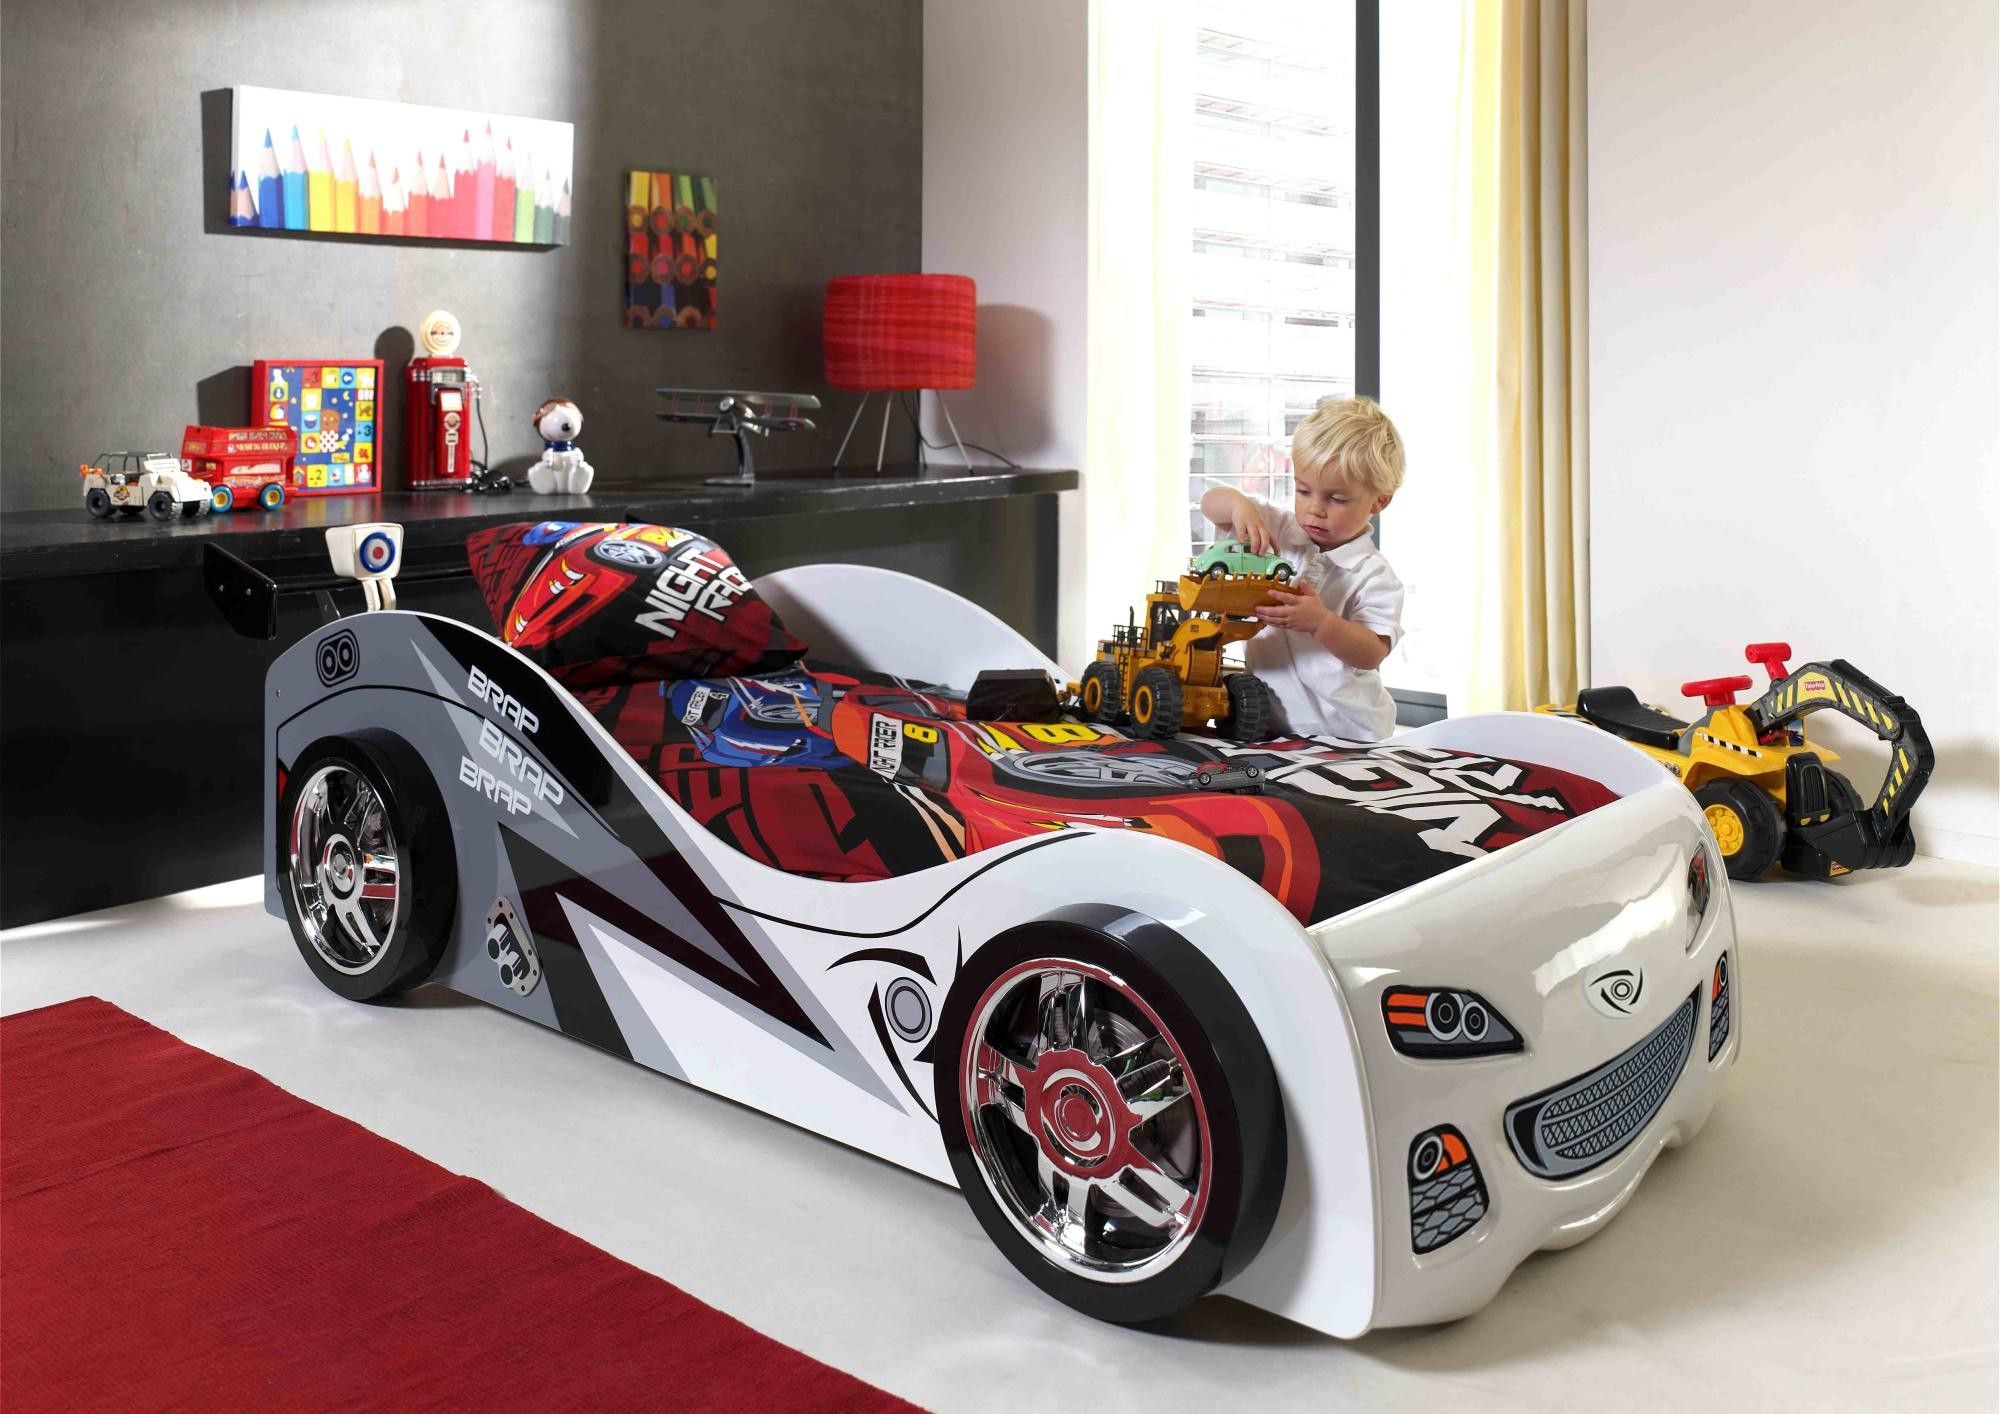 Lit enfant voiture coloris blanc Pole Position